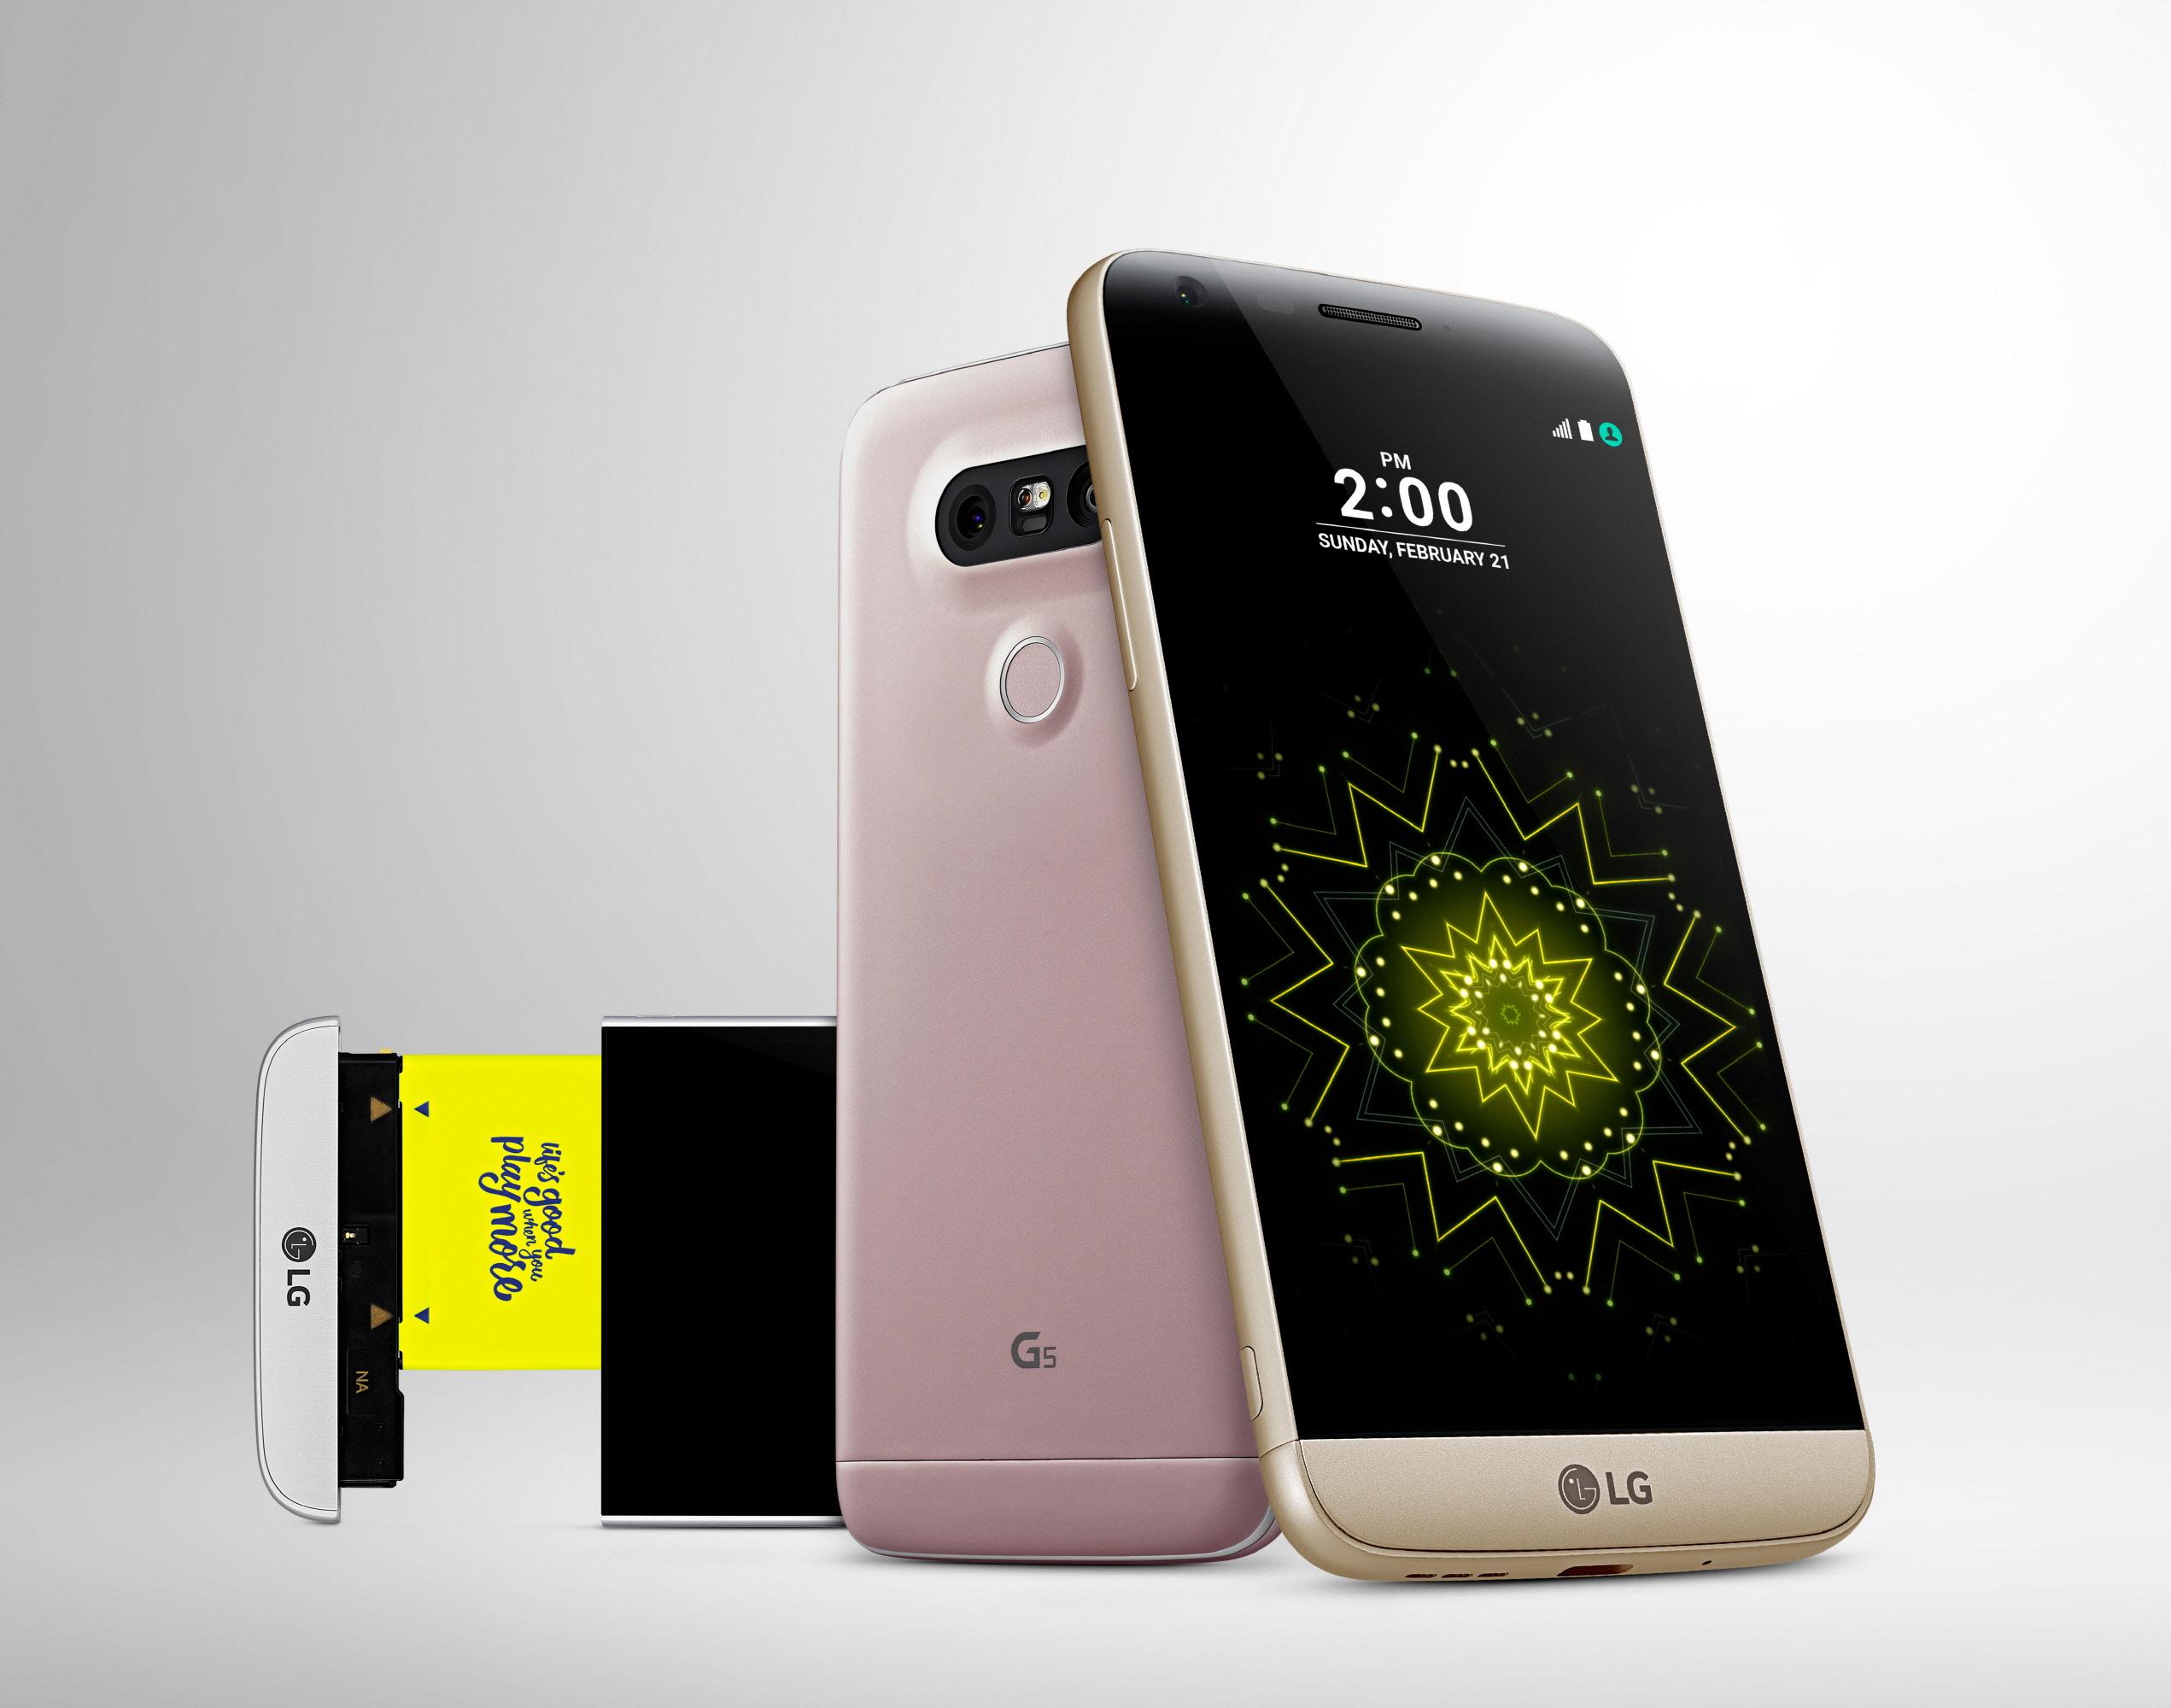 Kết quả hình ảnh cho LG G5